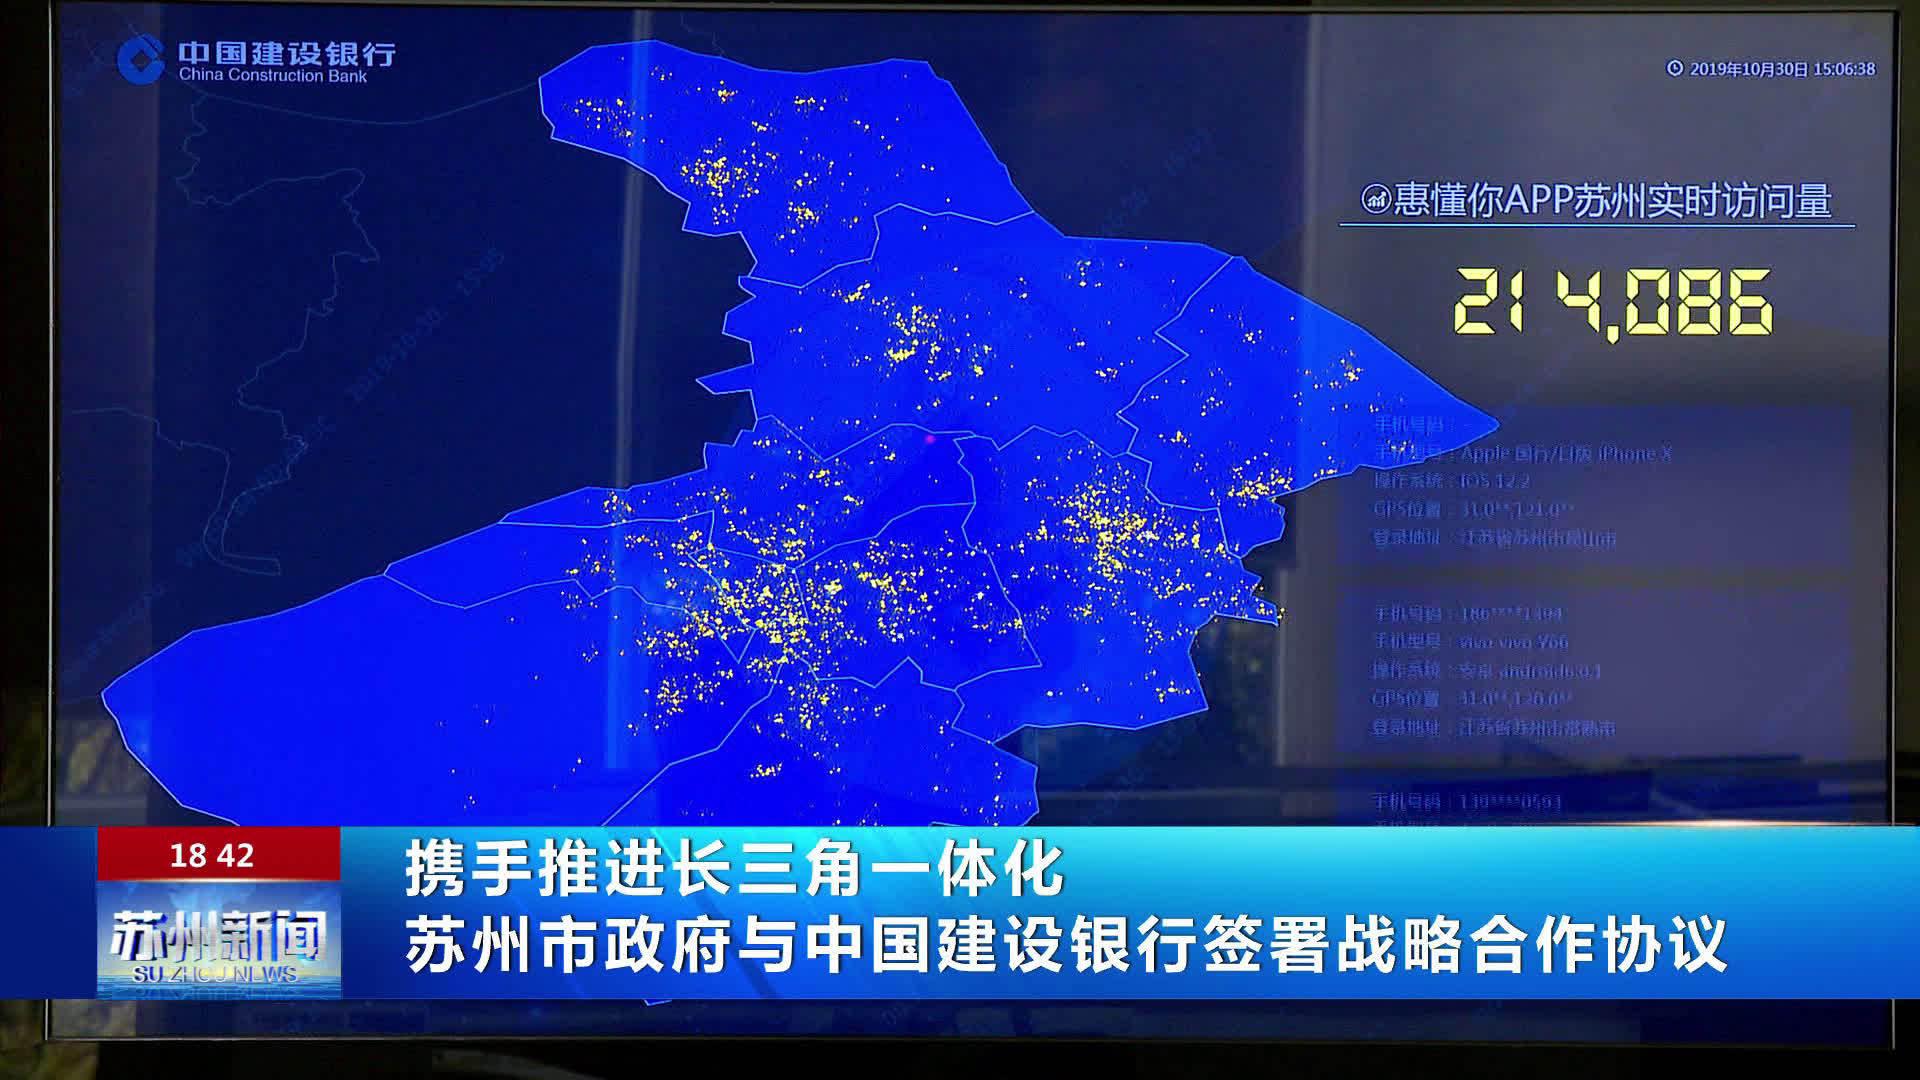 携手推进长三角一体化 苏州市政府与中国建设银行签署战略合作协议